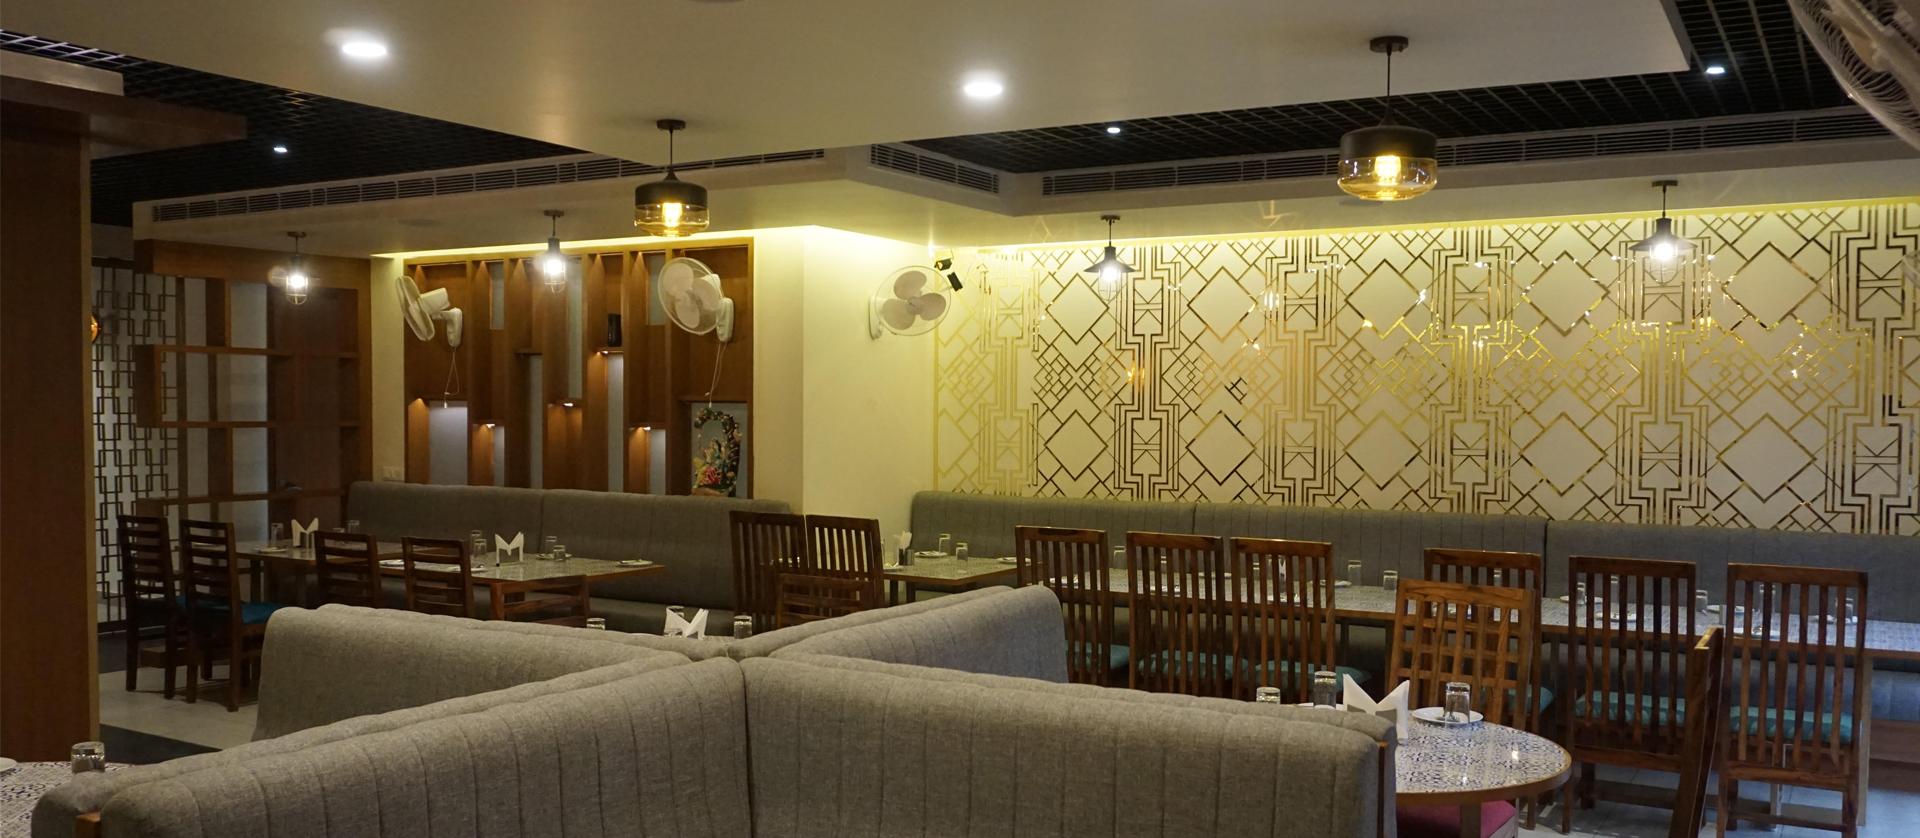 Mezbaan Restaurant: Rewari, Haryana